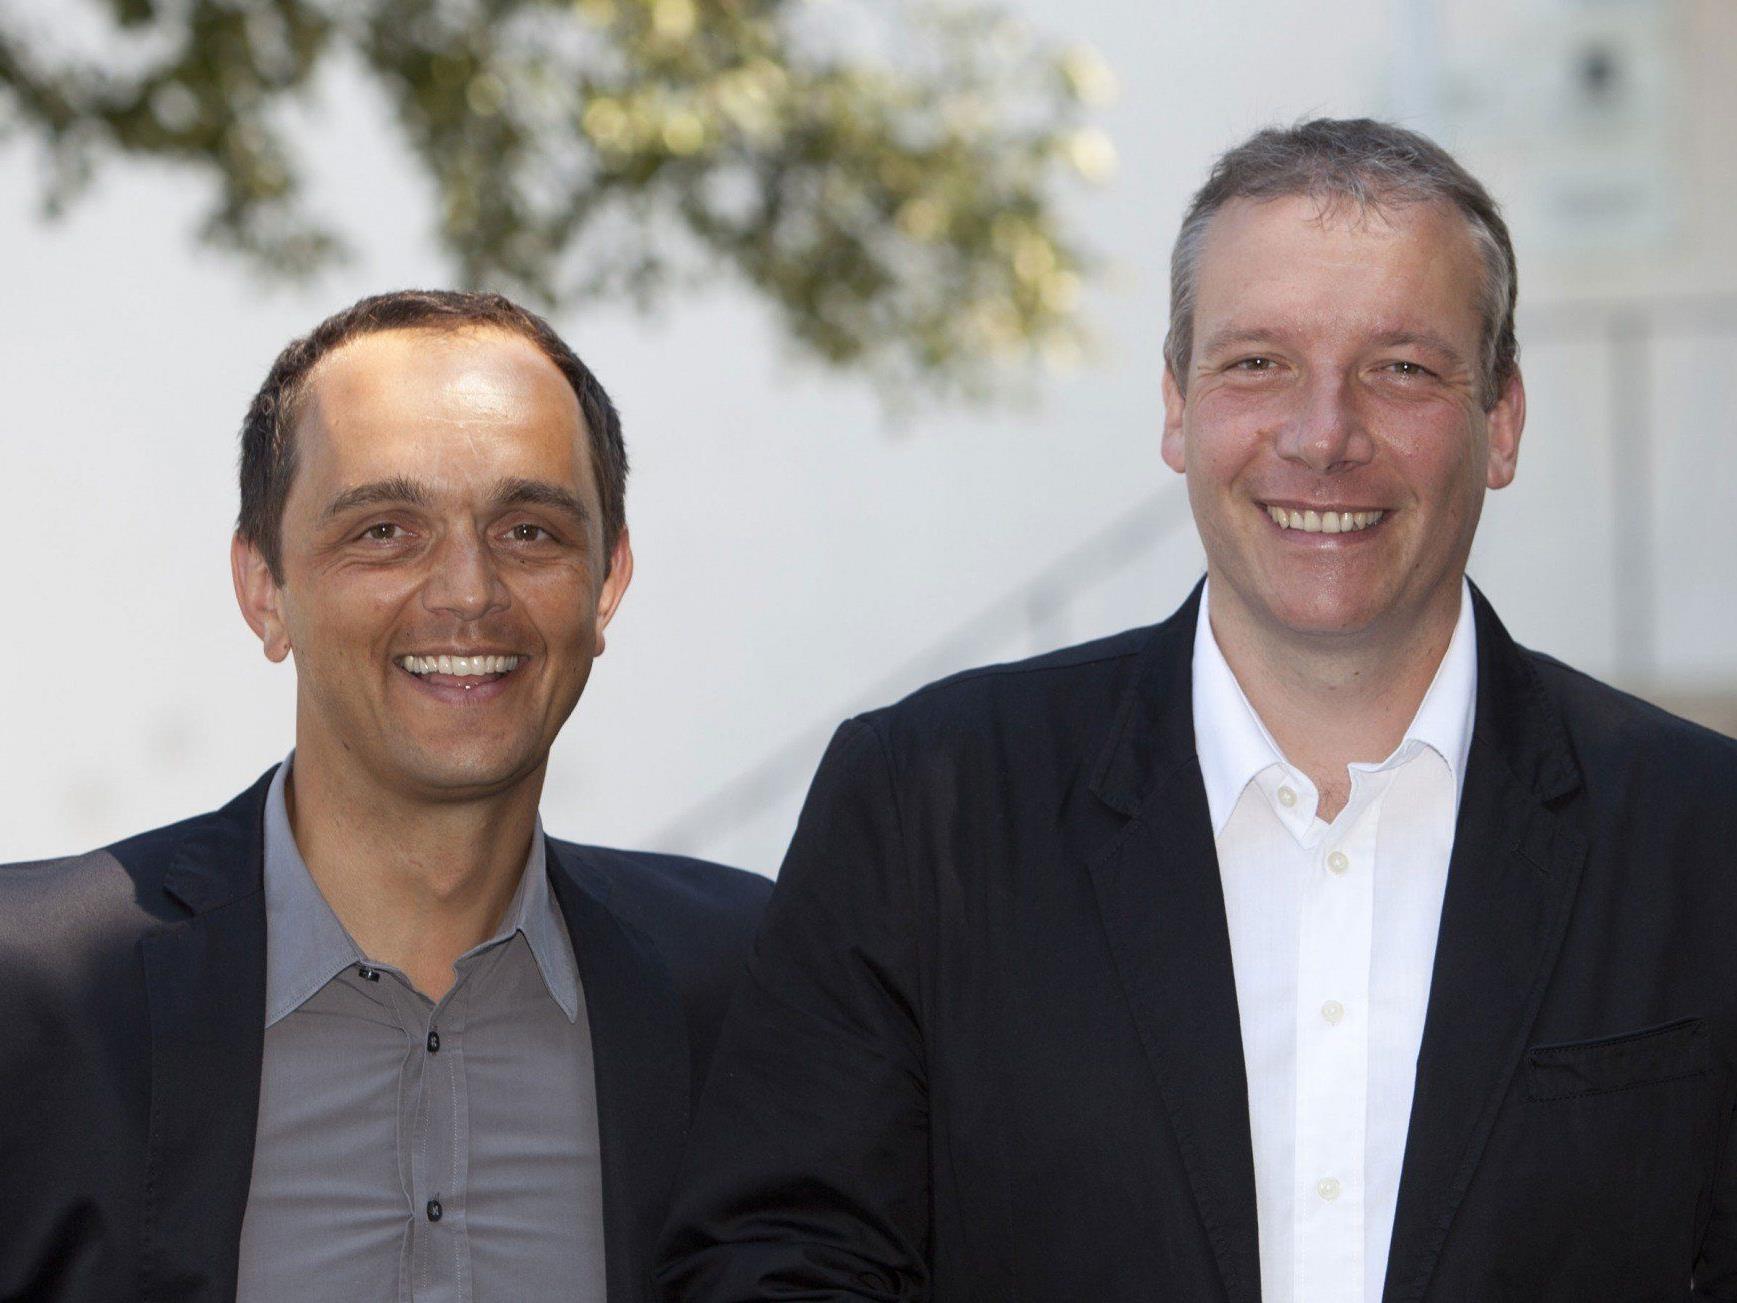 Nichts mehr zu Lachen: VoVo-Gesellschafter Hannes Jochum und Stefan Vögel müssen den Spielbetrieb Ende 2013 einstellen.